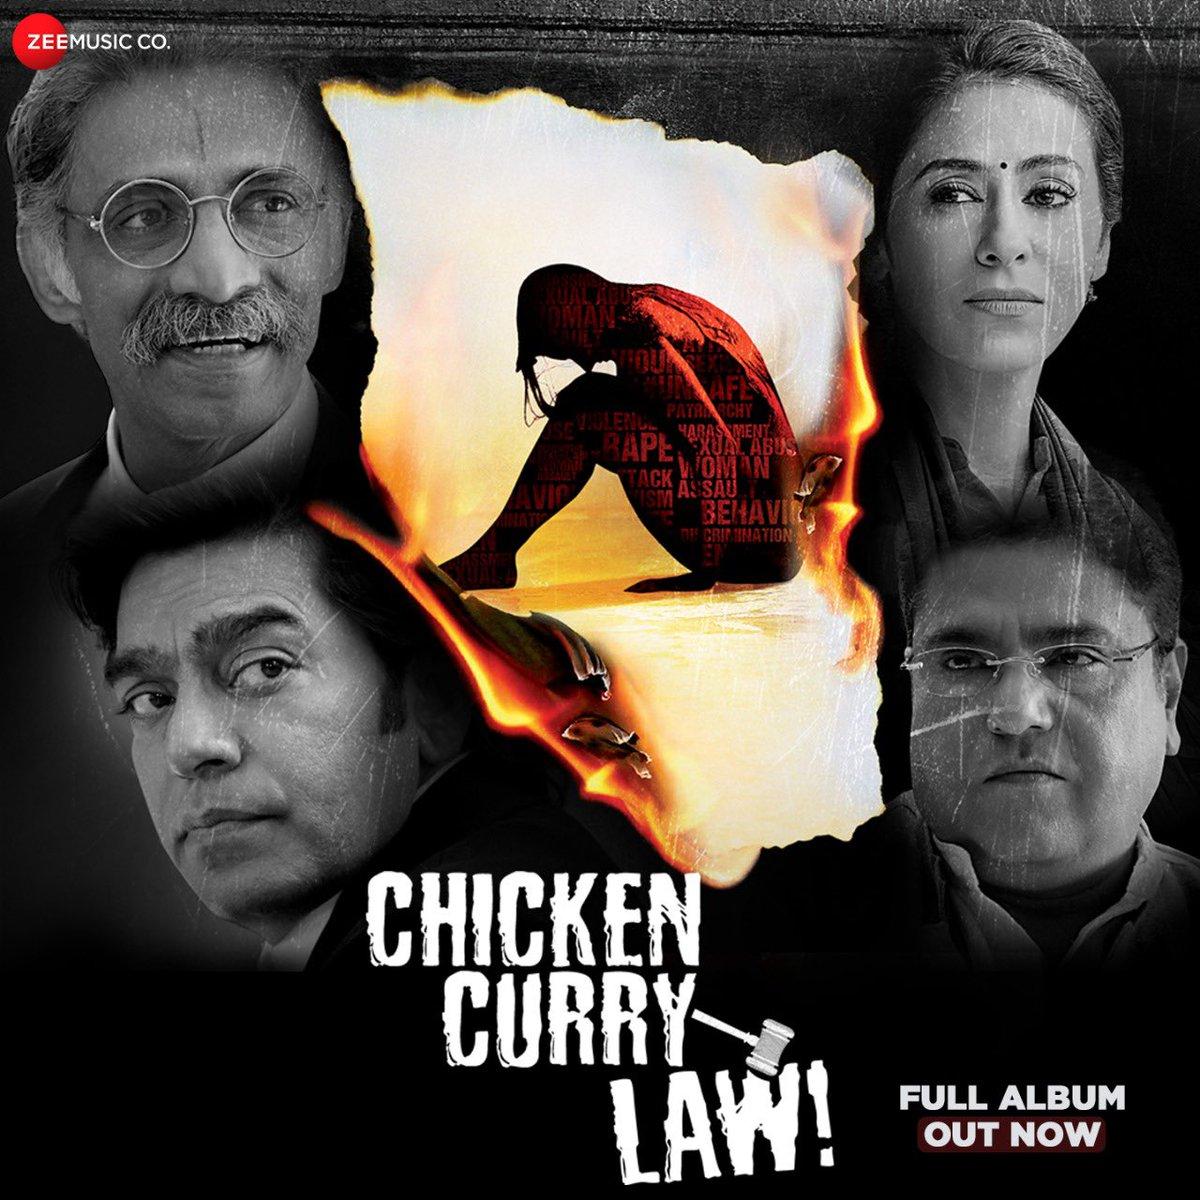 Presenting the #FullAlbum of #ChickenCurryLaw!   @ranaashutosh10 #AshutoshRana @nivedita_be @makaranddeshpa6 #ZakirHussain @AmanYatanVerma @nataliajanoszek #ShekarSirrinn #JagpreetBajwa @PanoramaMovies   http://youtu.be/m_GSwILvNFY